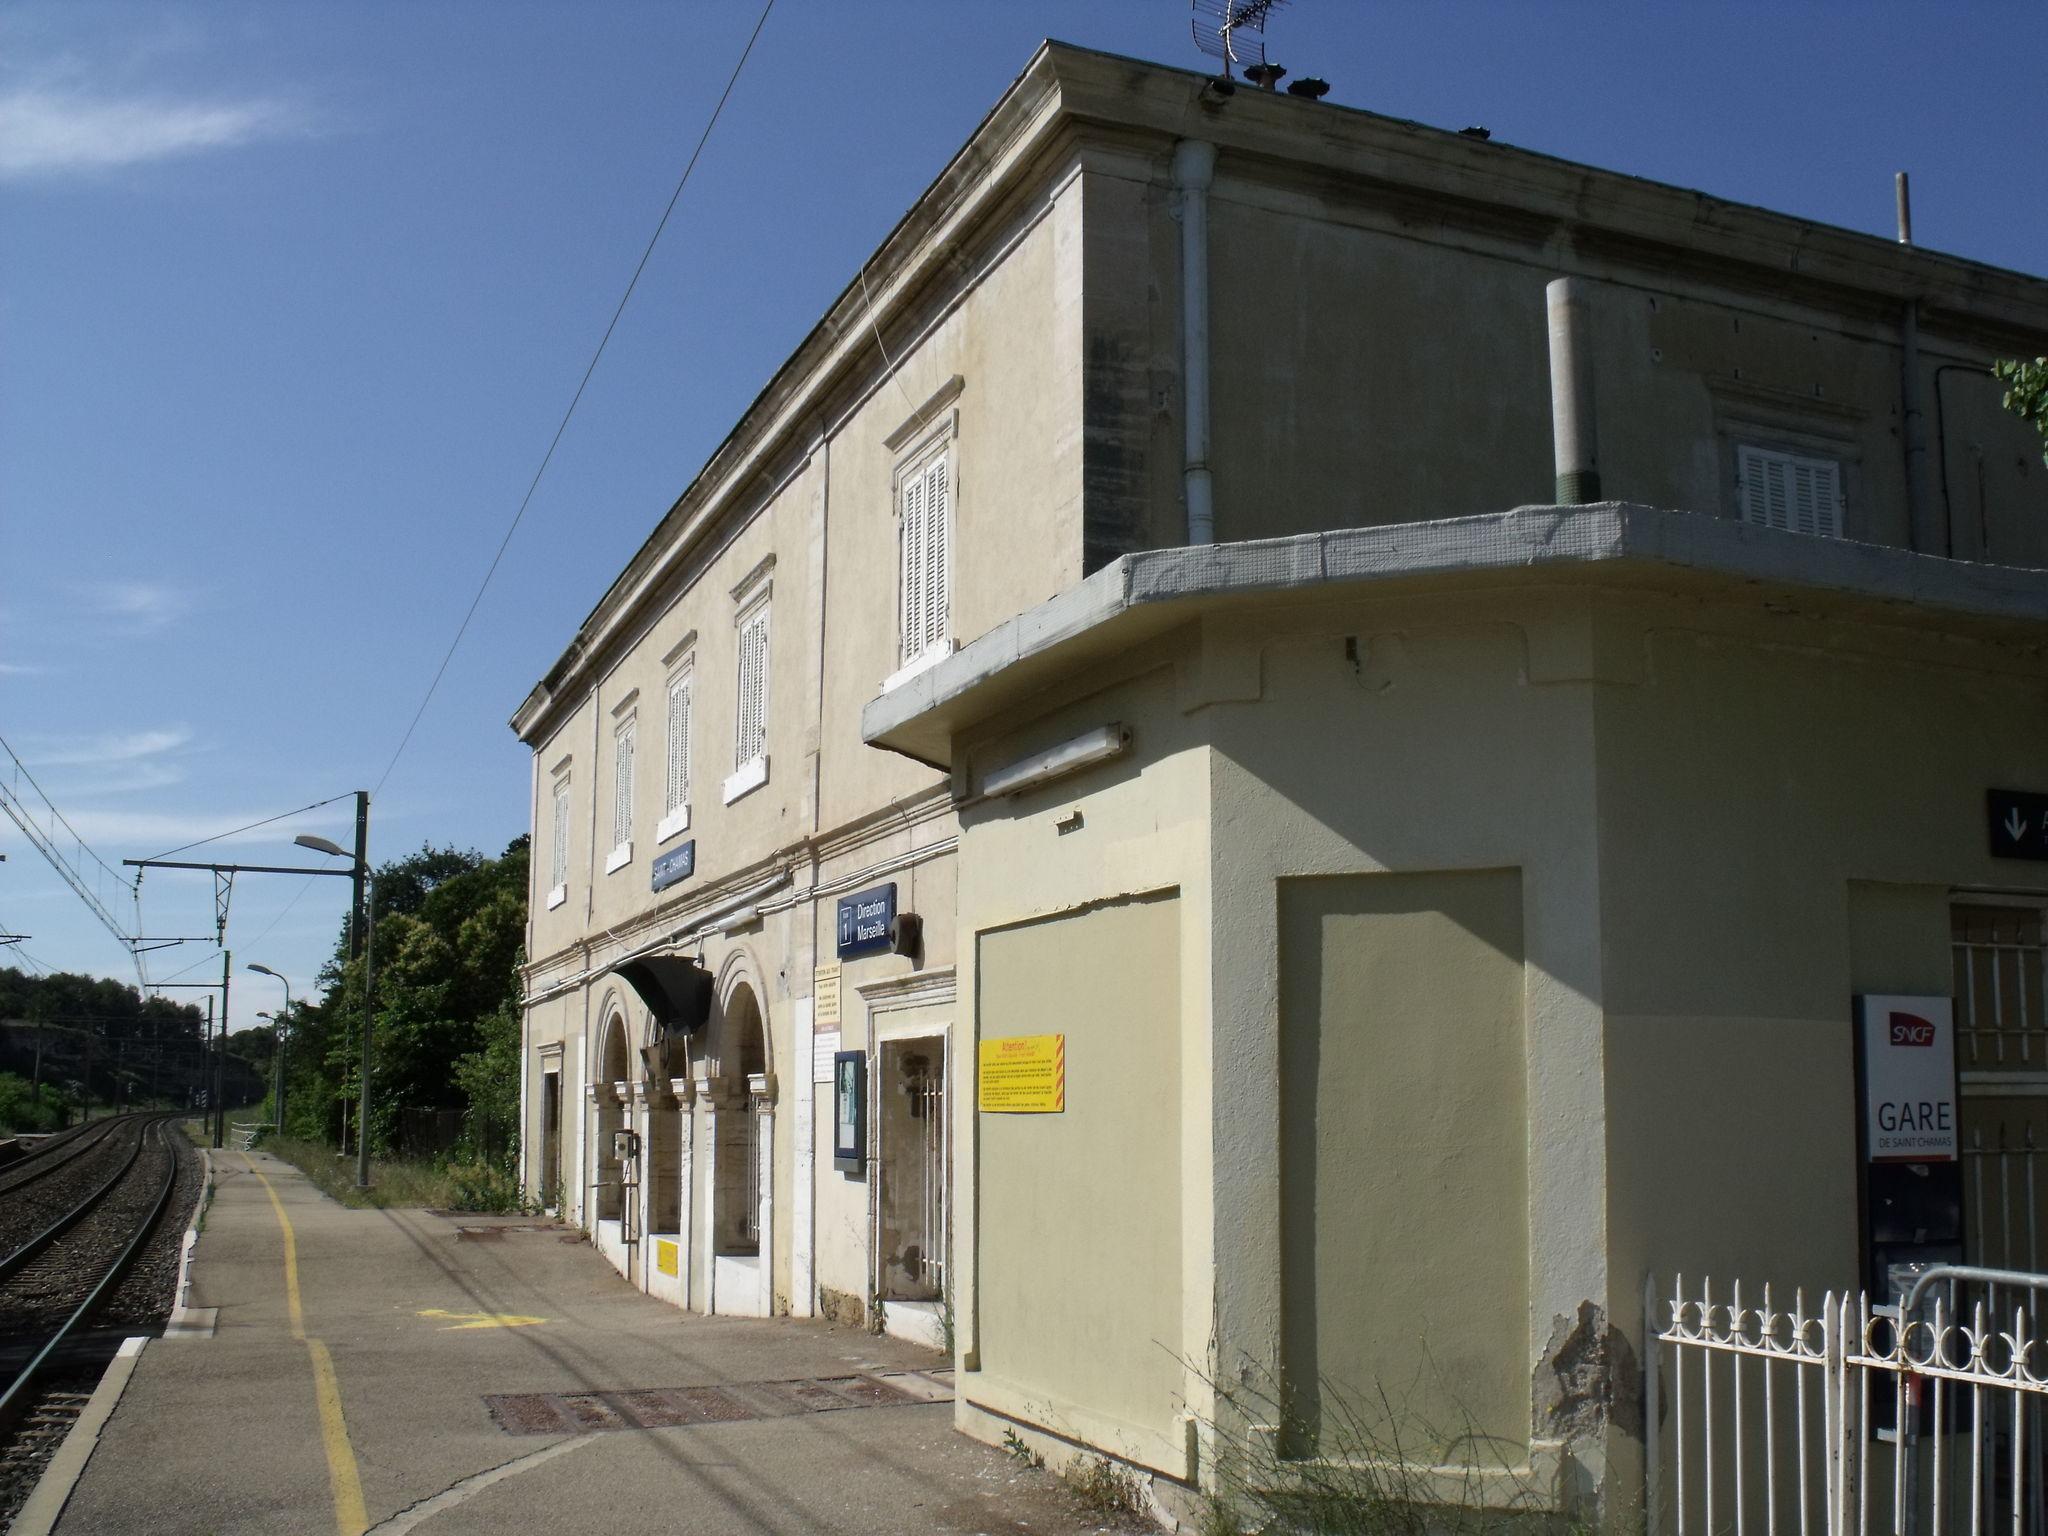 Saint-Chamas (Bouches-du-Rhône)